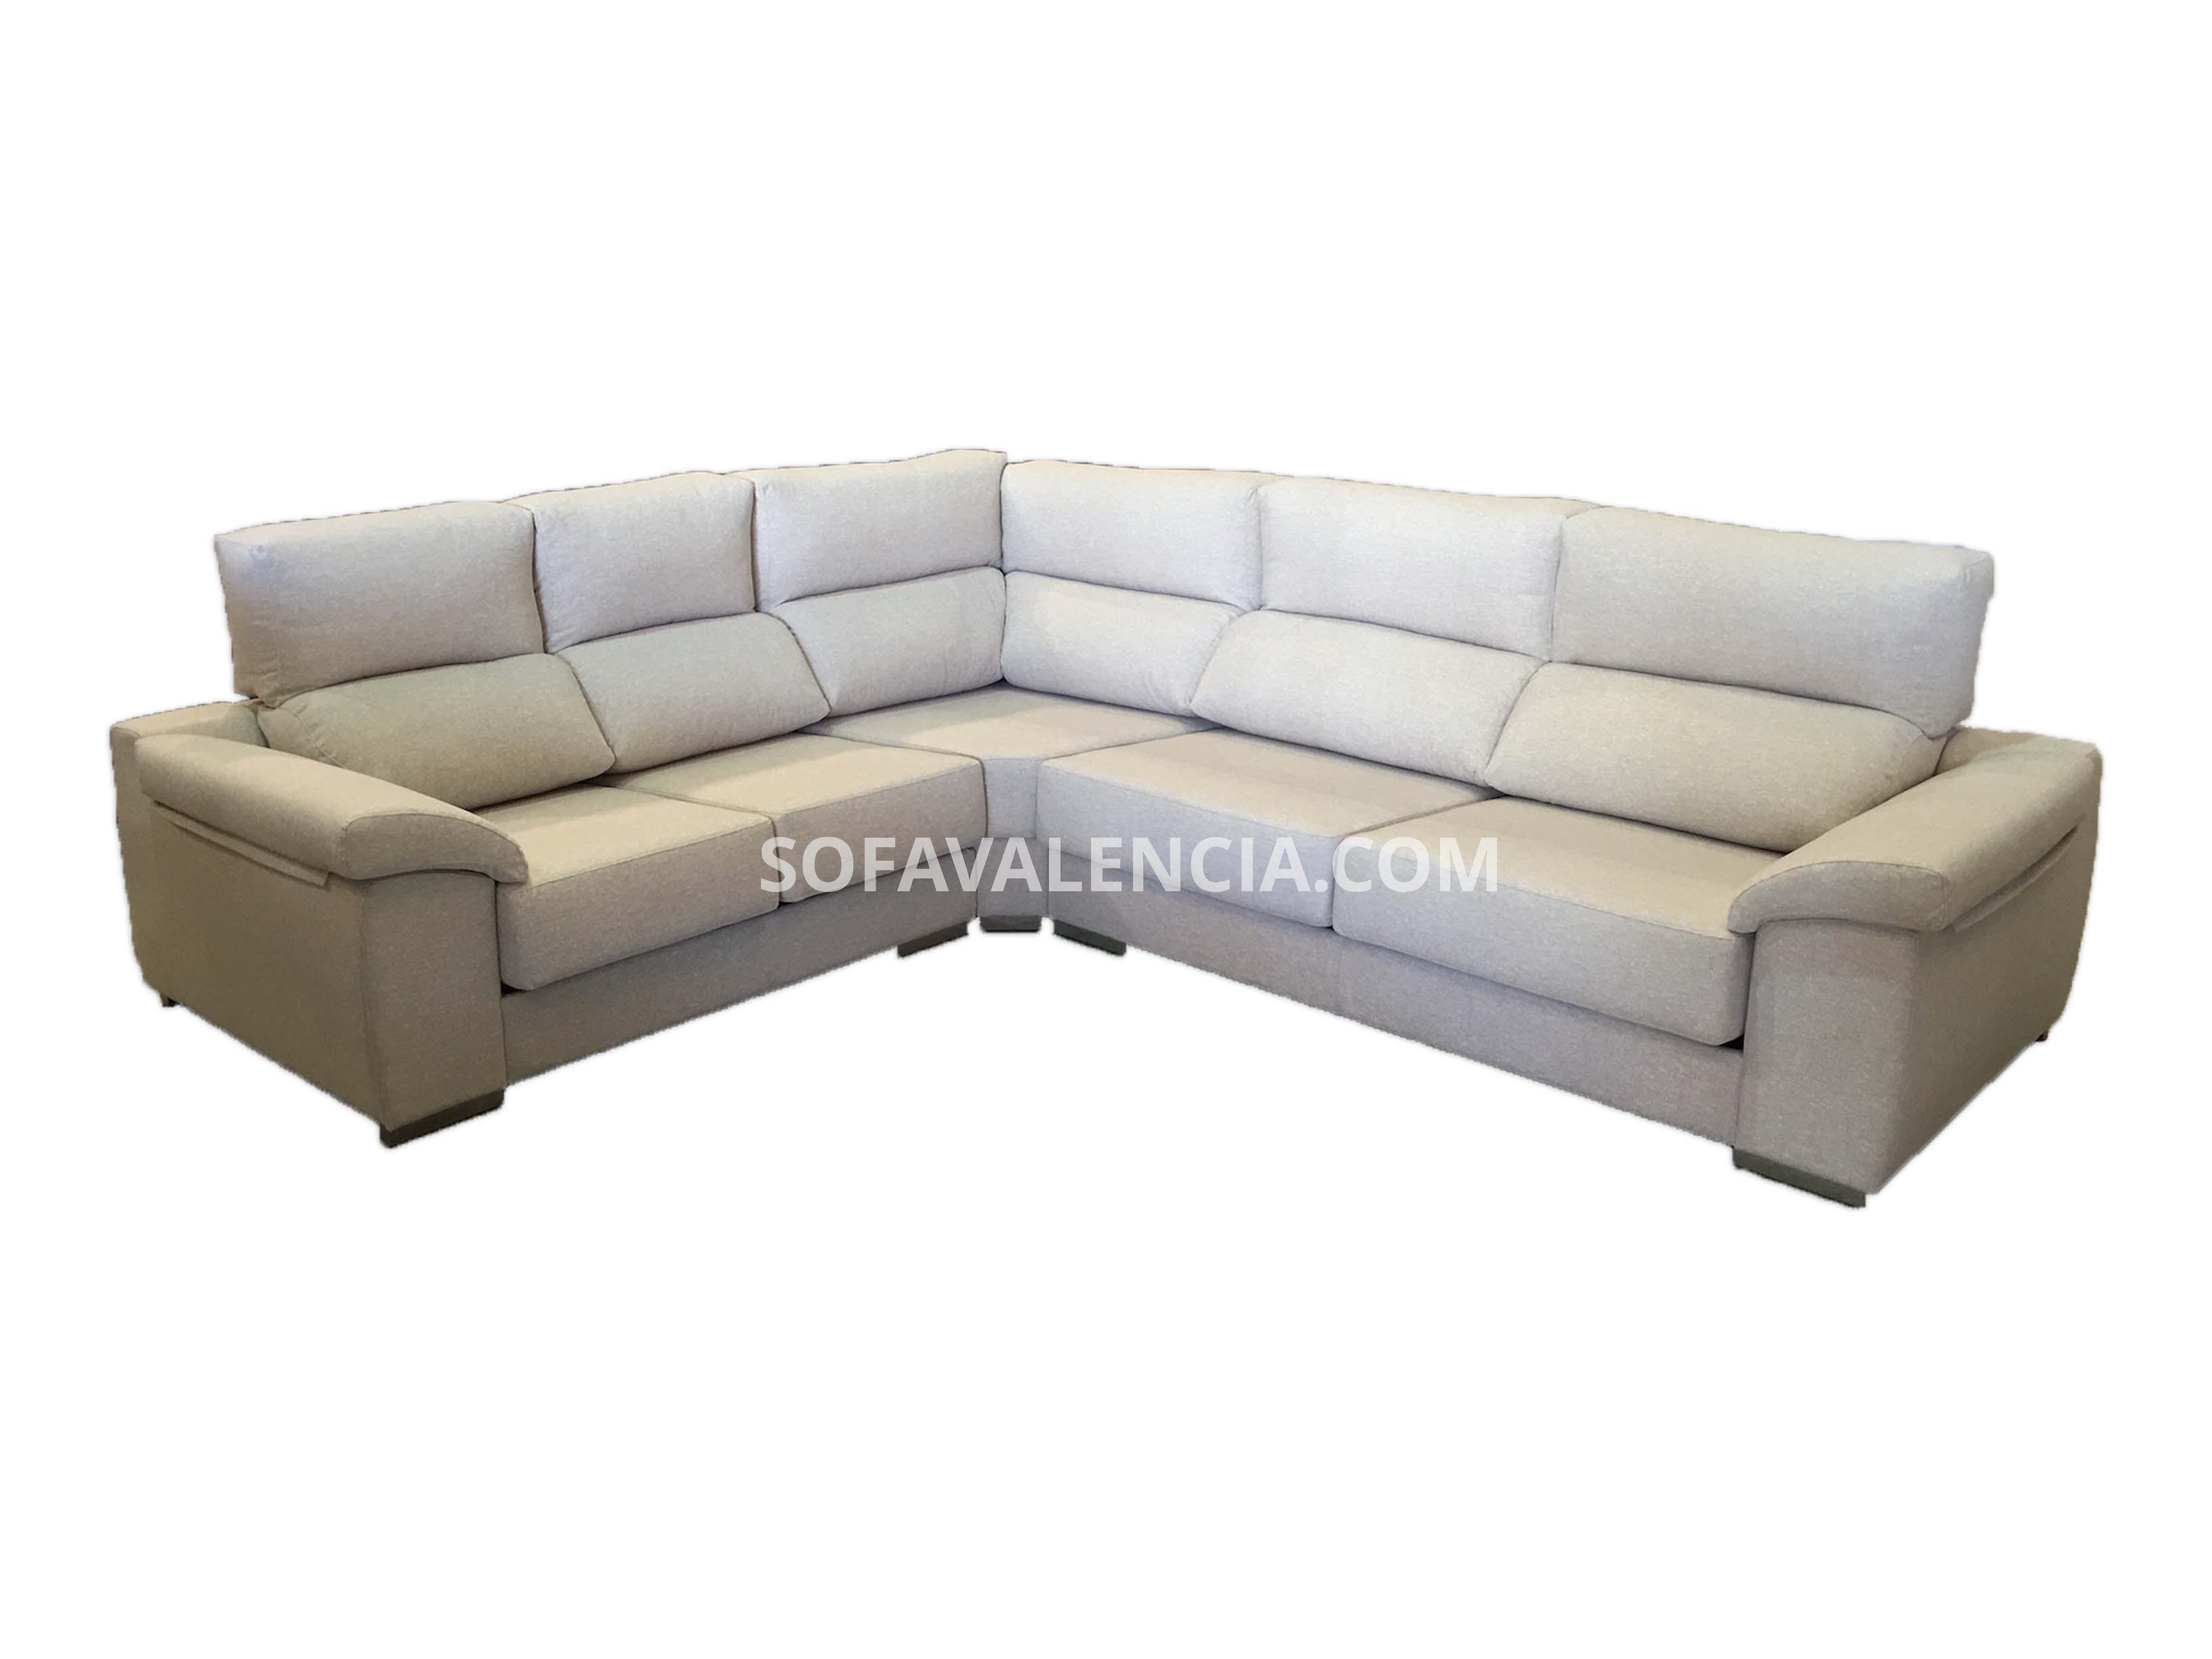 Muebles segunda mano terrassa obtenga ideas dise o de muebles para su hogar aqu - Compra de sofas de segunda mano ...